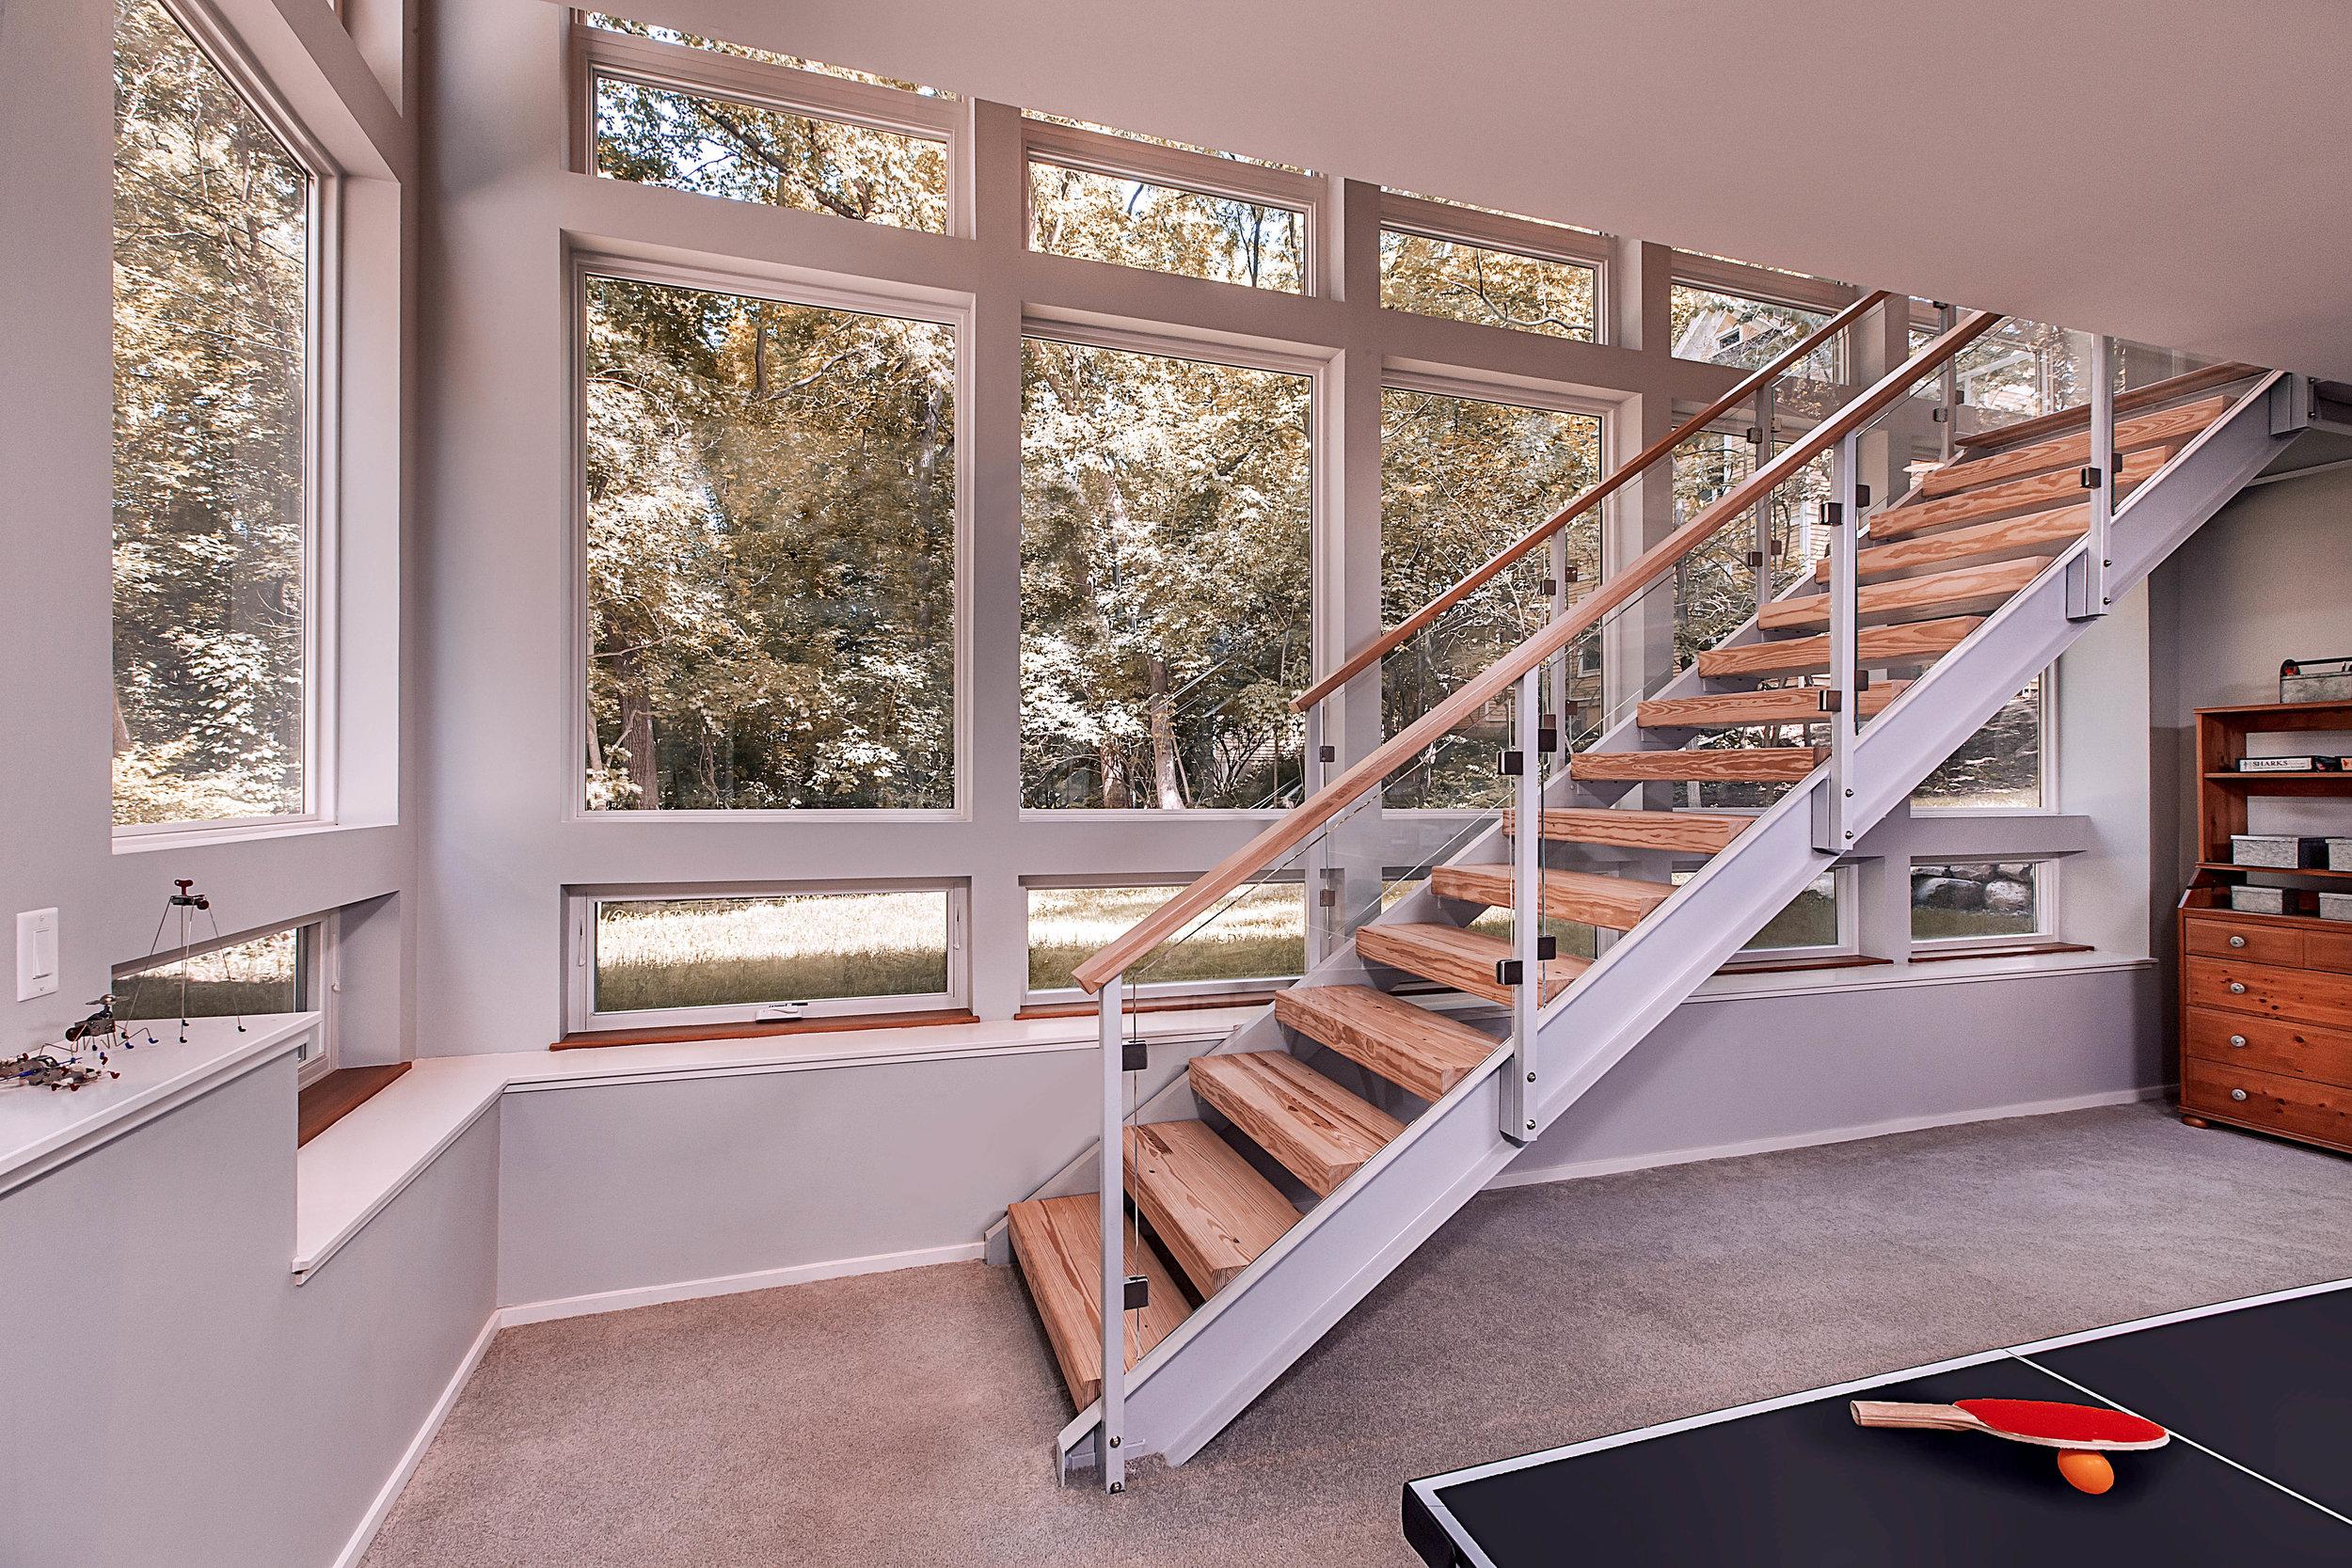 staircase edit.jpg